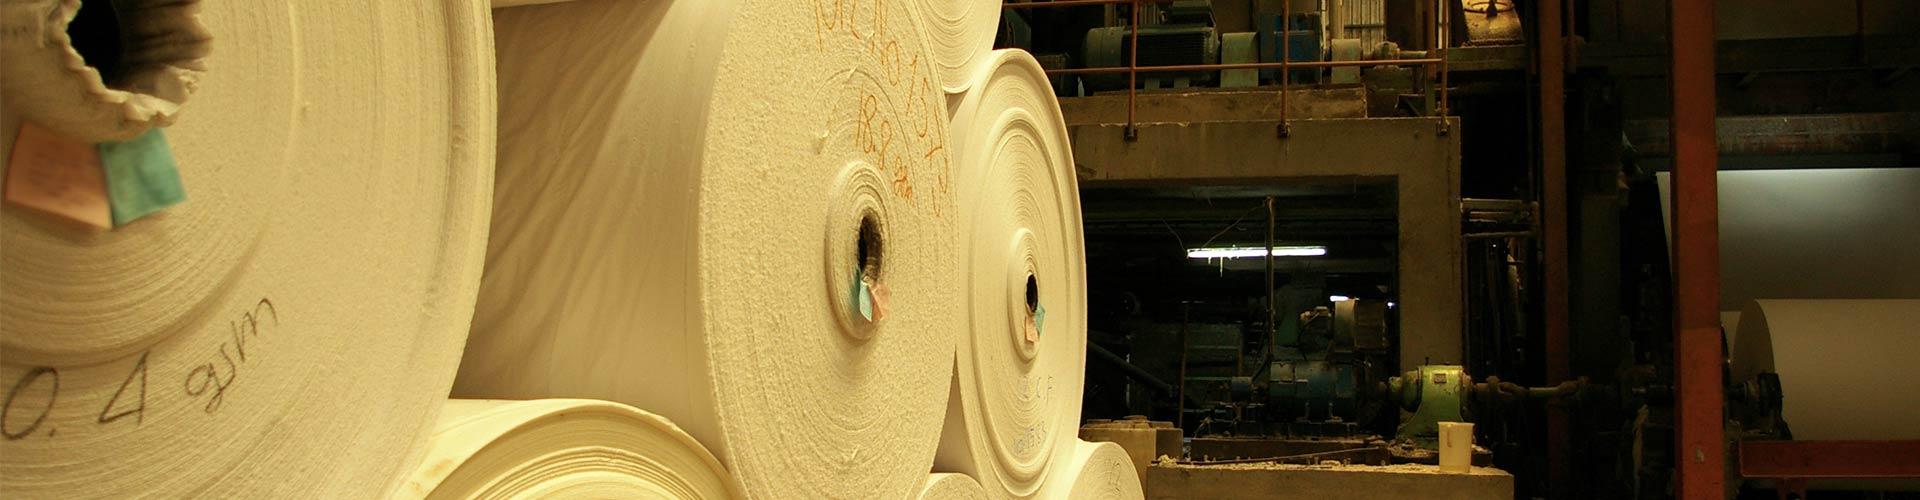 Sistemas radiométricos: a principal solução na indústria de papel e celulose